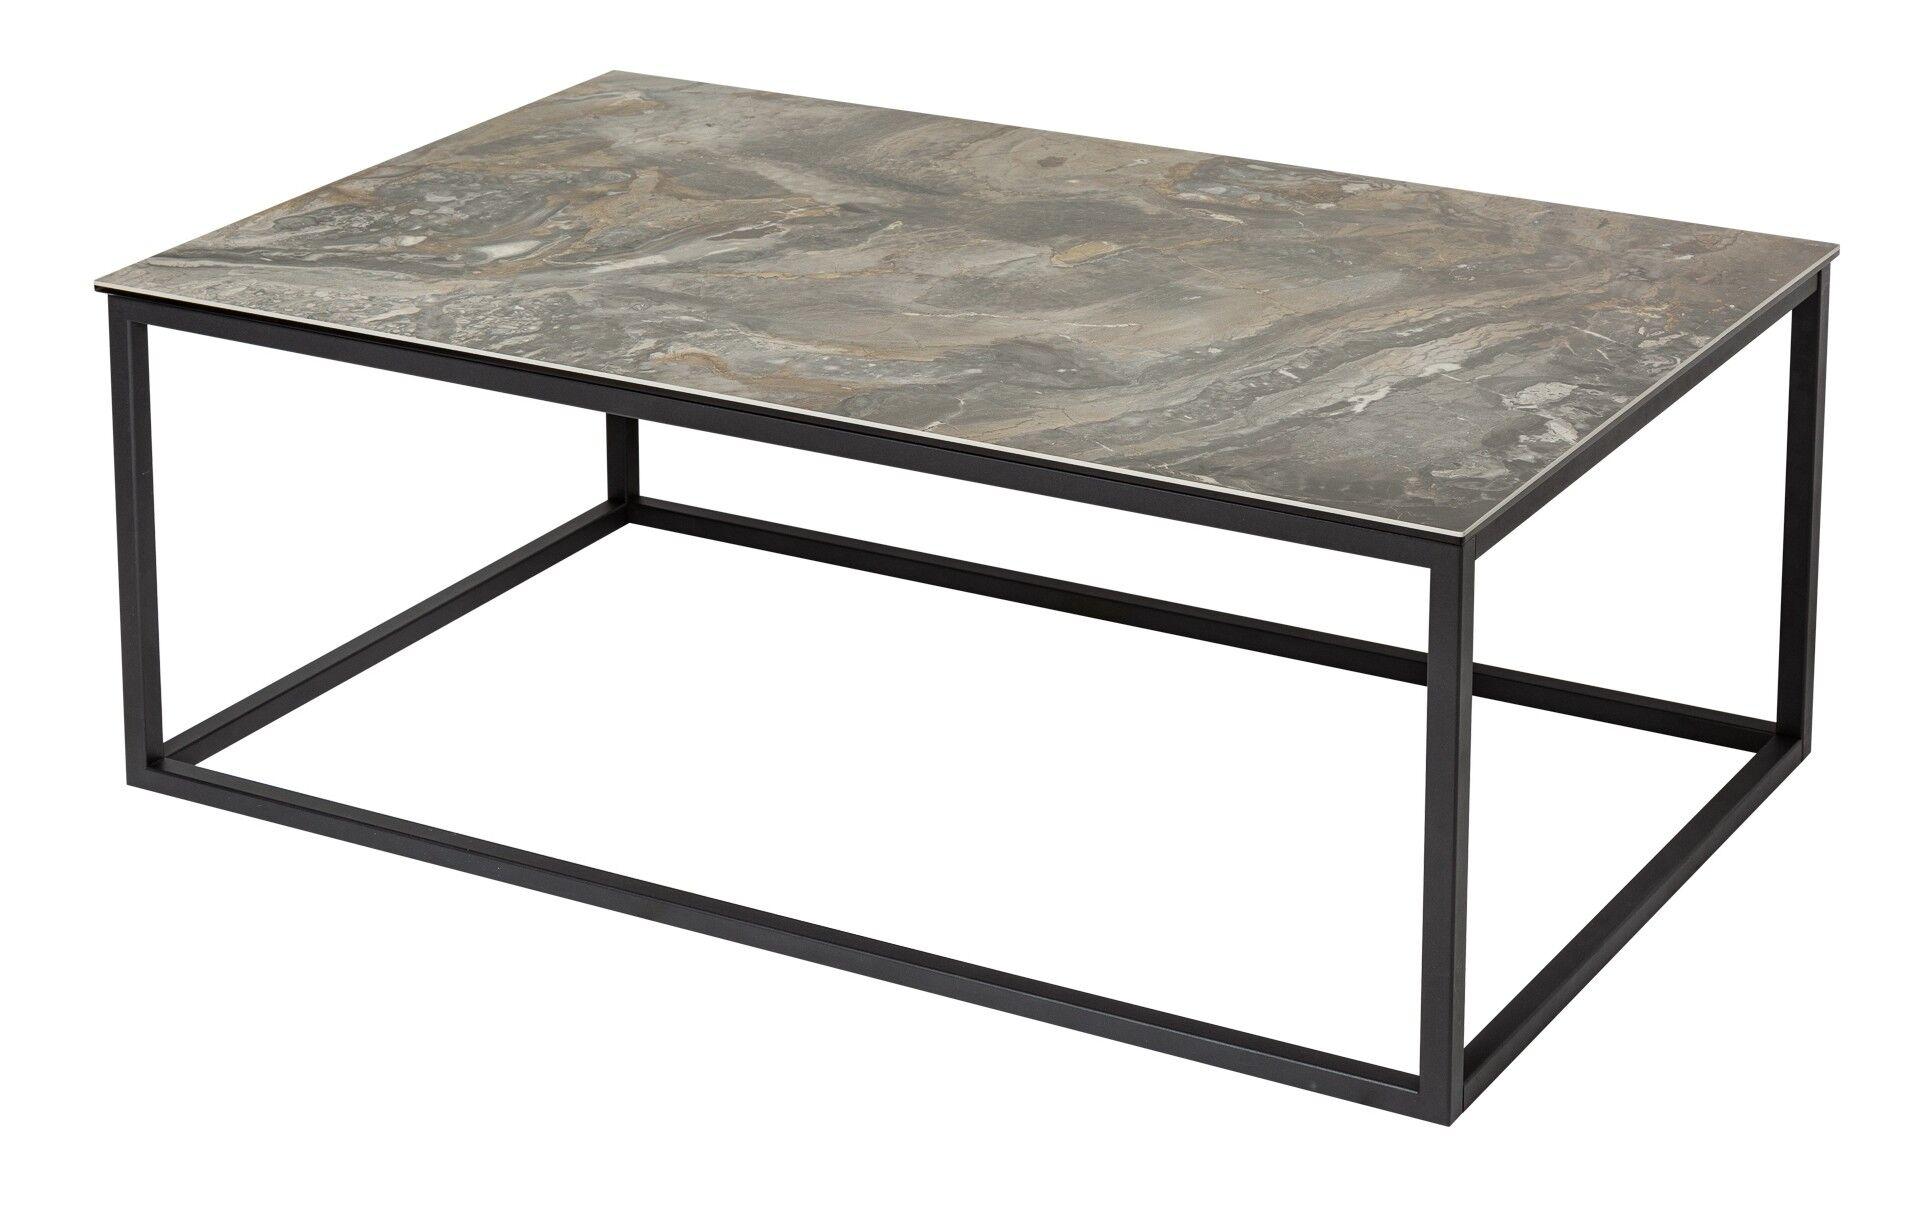 gdegdesign Table basse rectangle plateau verre et céramique pierre foncée - Baldo